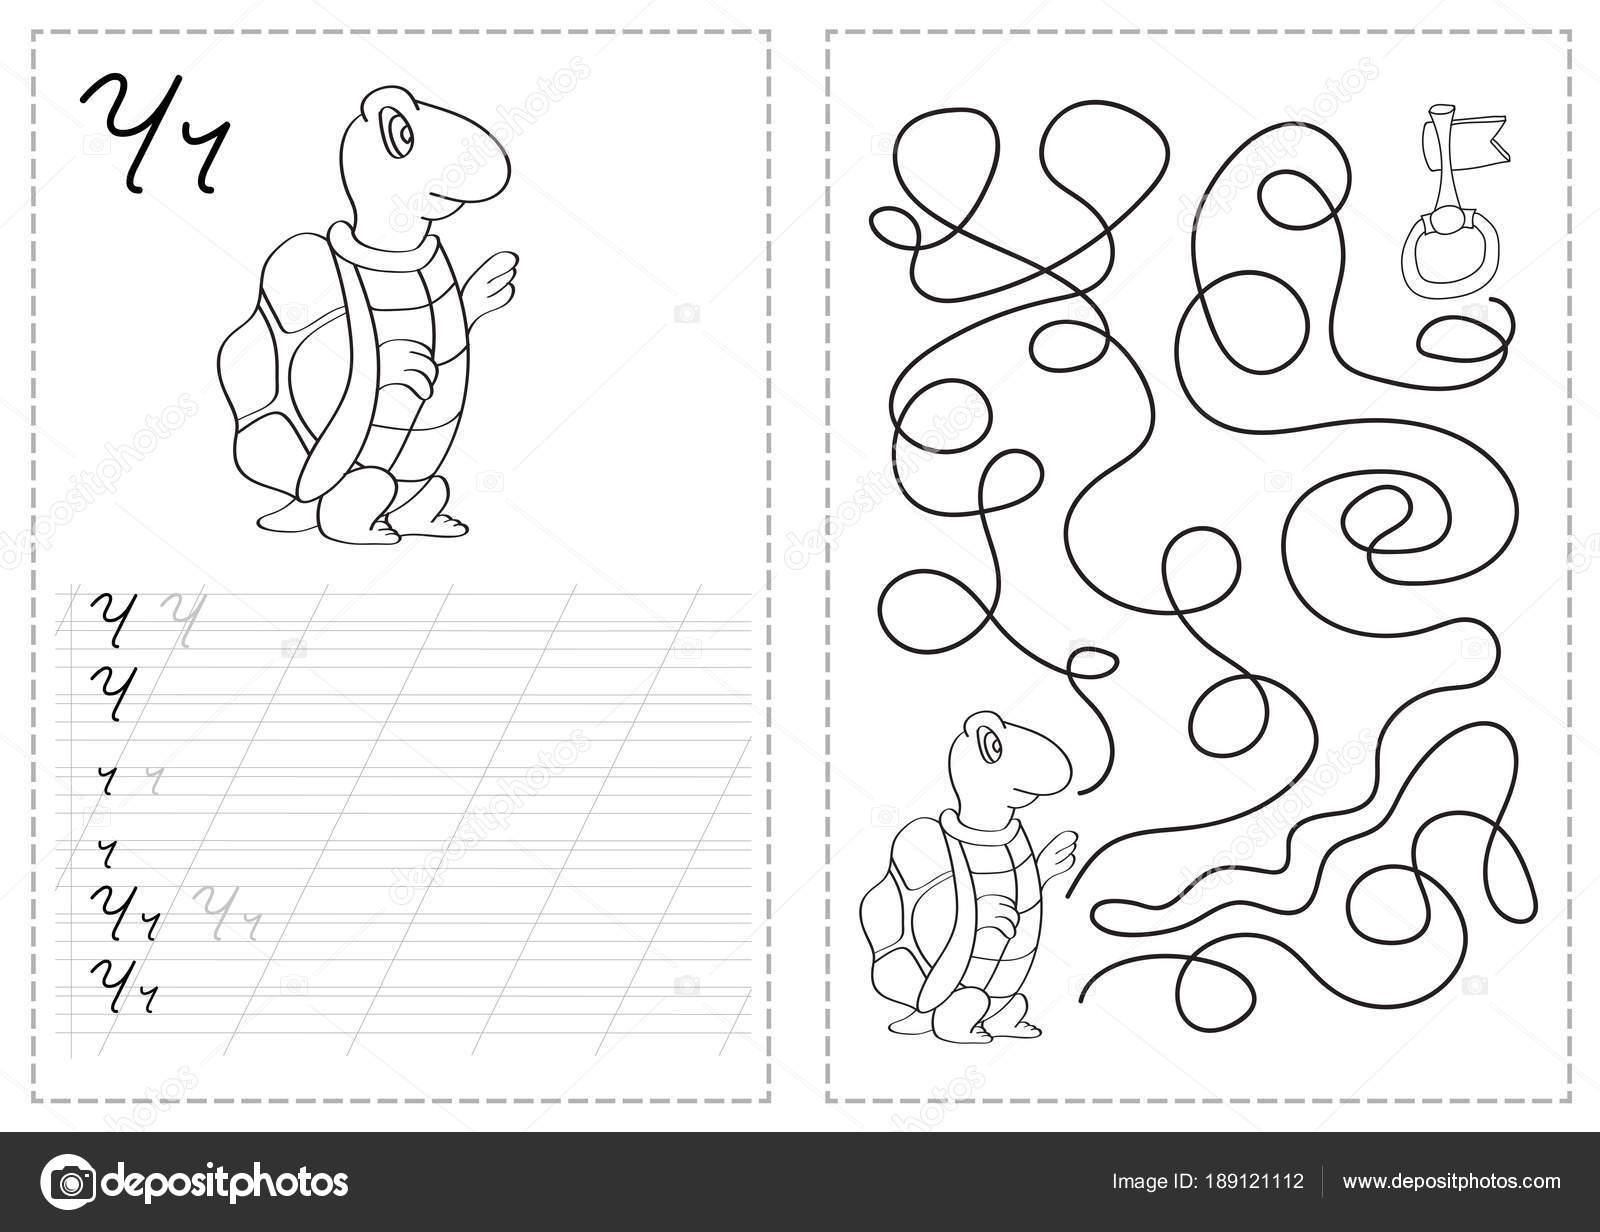 Alphabet Buchstaben nachzeichnen Arbeitsblatt mit russischen ...